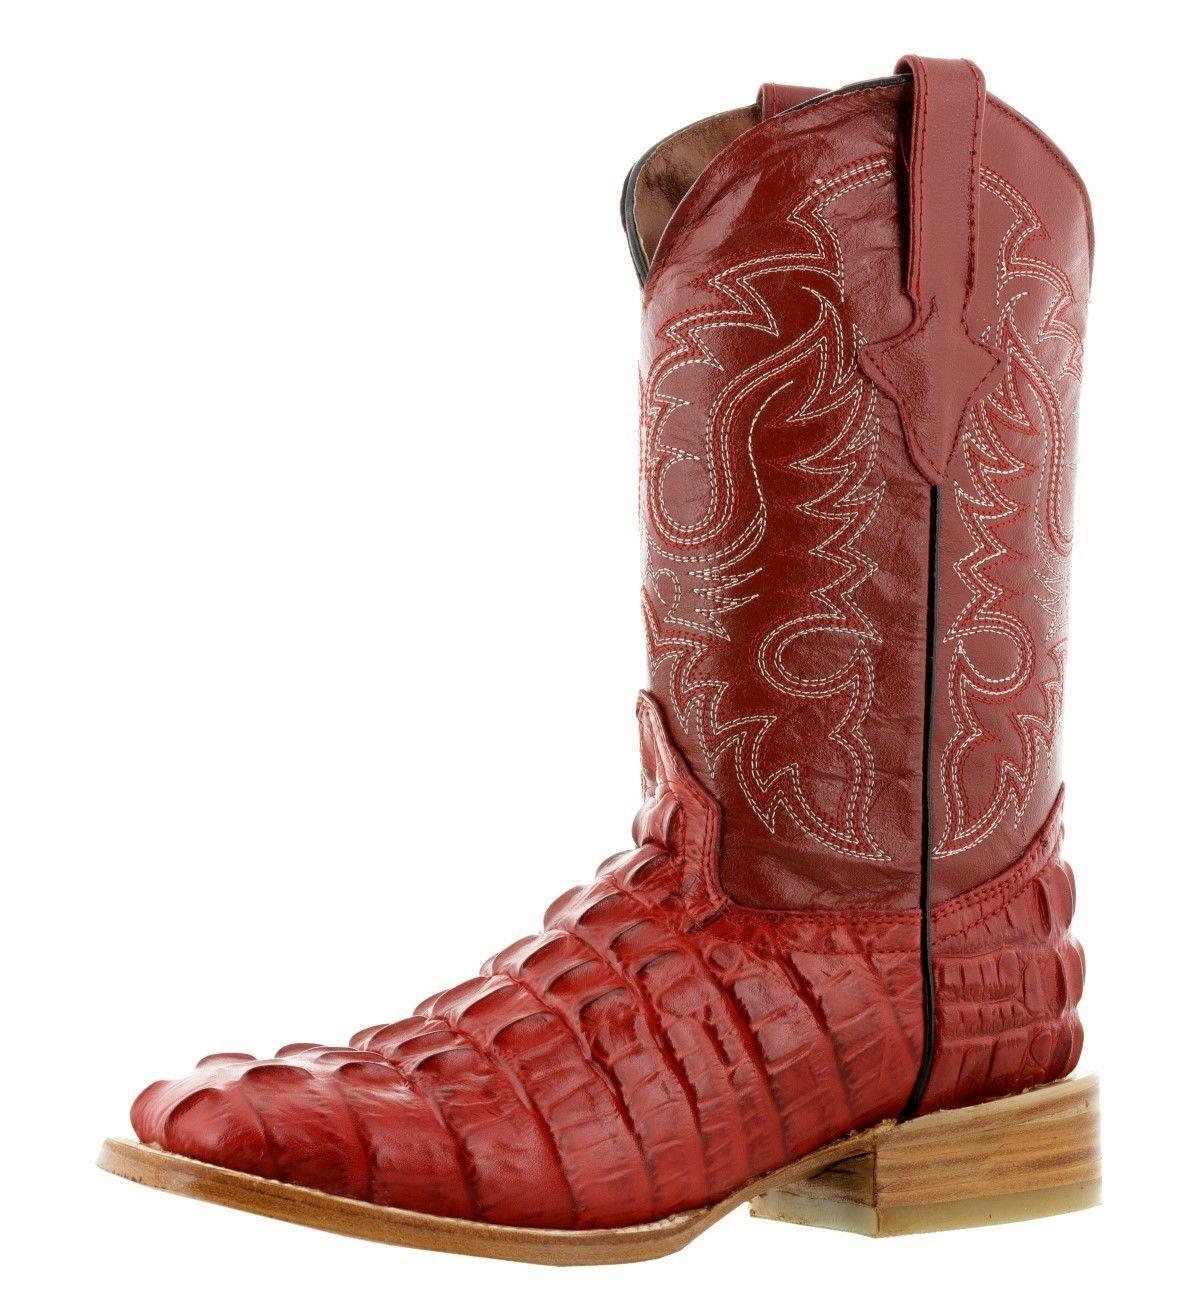 Hombre Nuevo Diseño Cola De Cocodrilo Cuero Occidental botas De Vaquero Rodeo Cuadrado Rojo